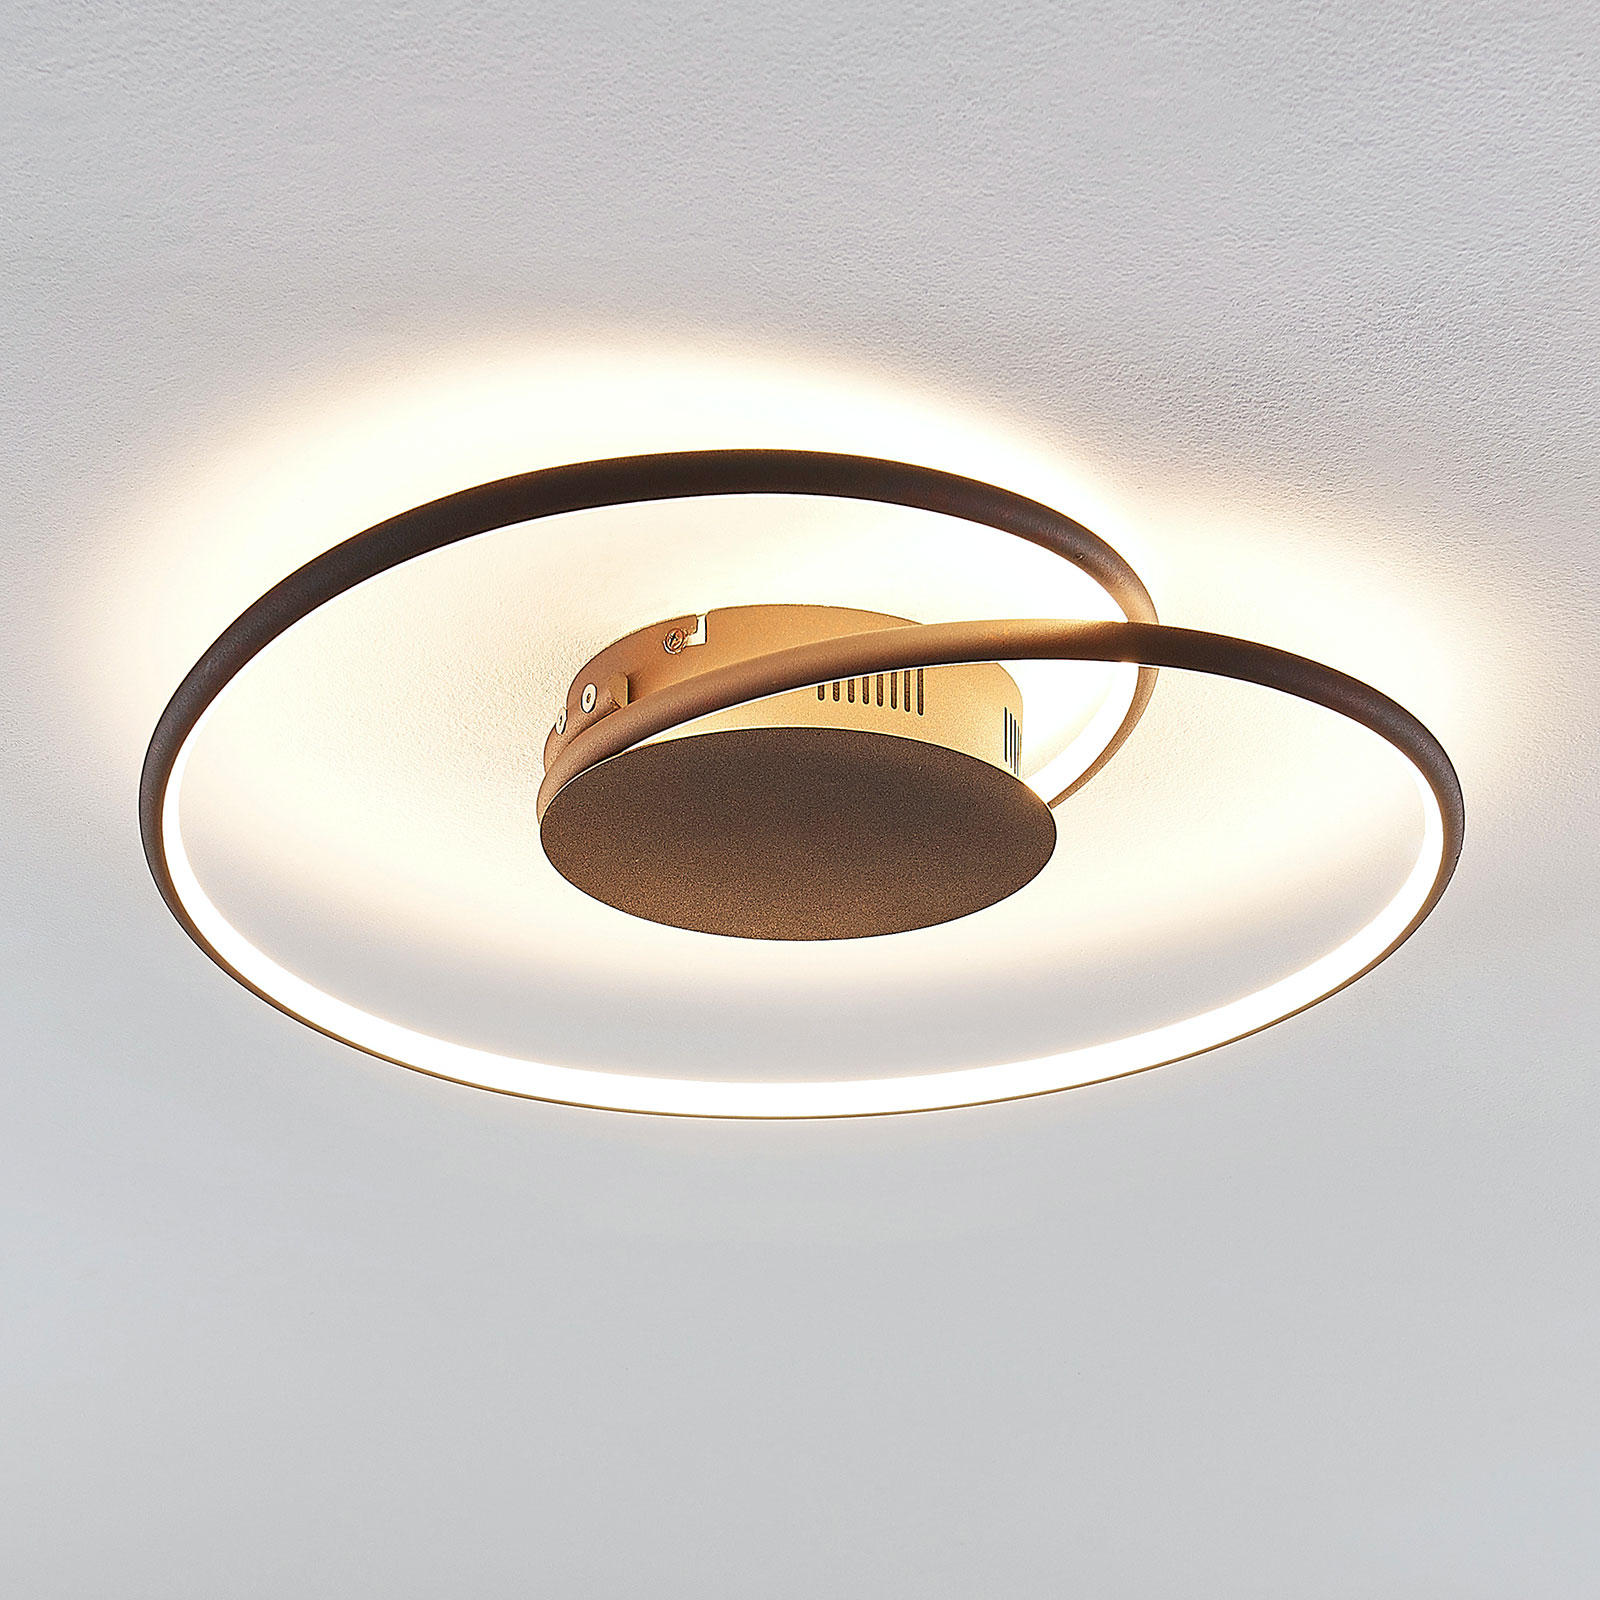 Lindby Joline lampa sufitowa LED, 45 cm